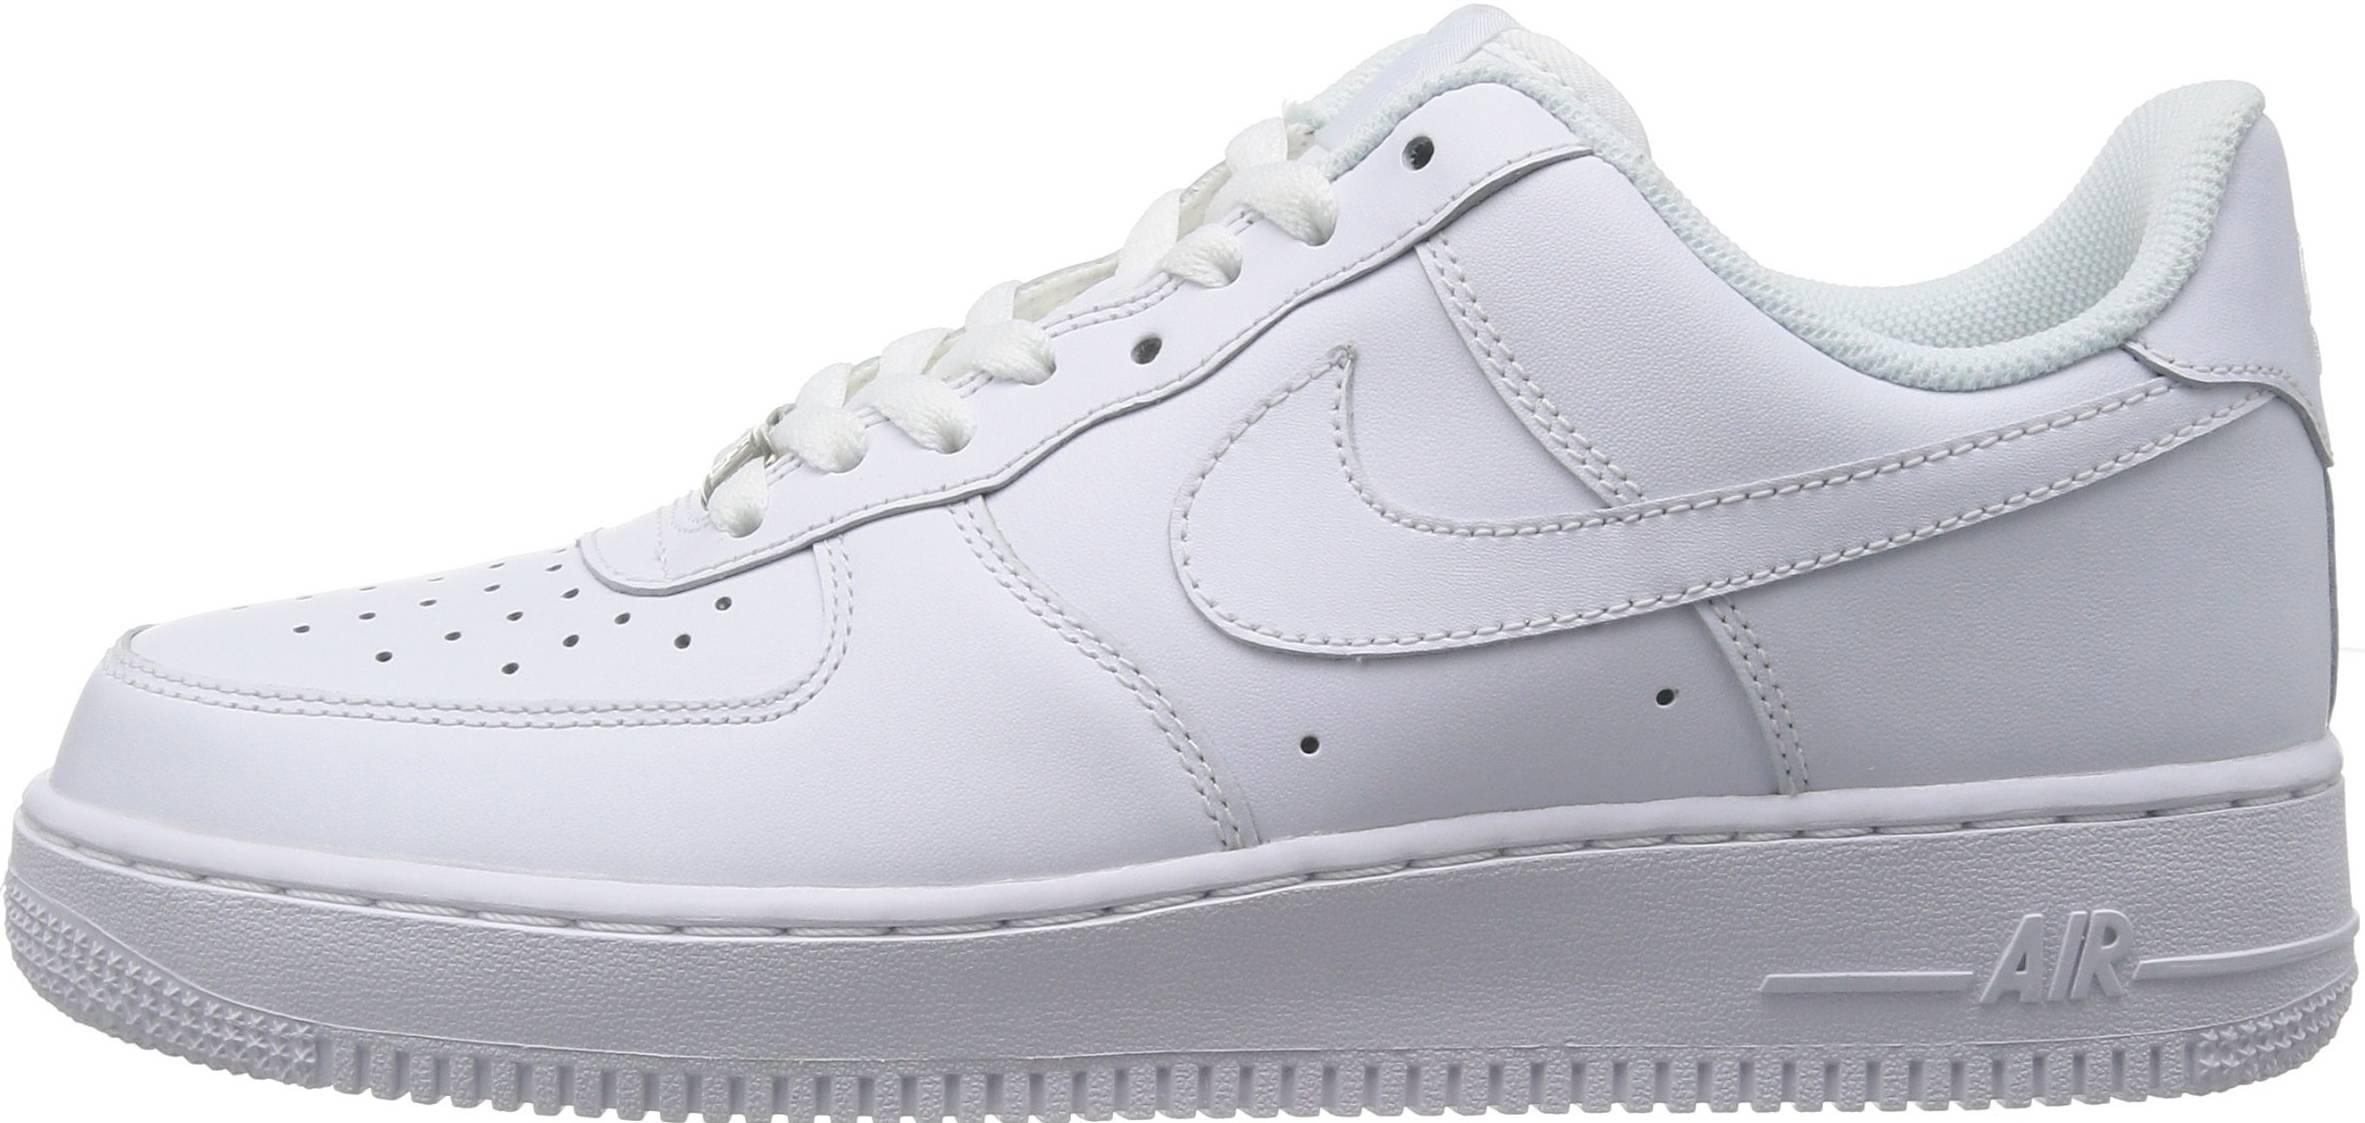 air force 1 shoe uomo